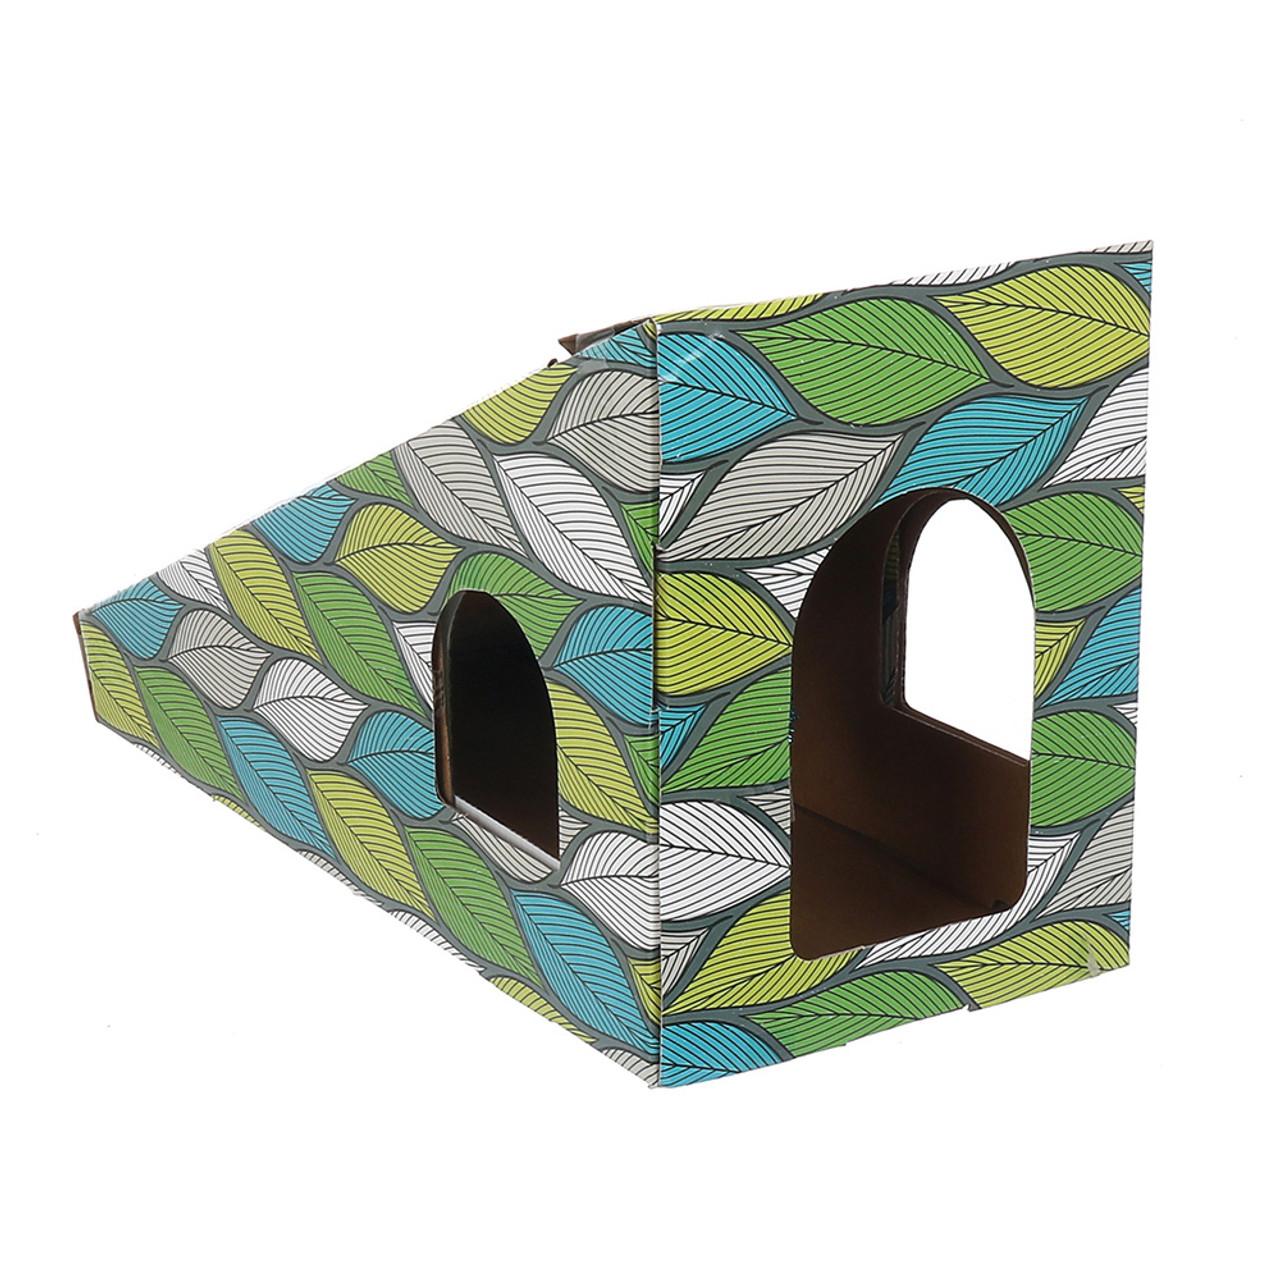 Ware Scratch-N-Bridge Cardboard Cat Scratcher